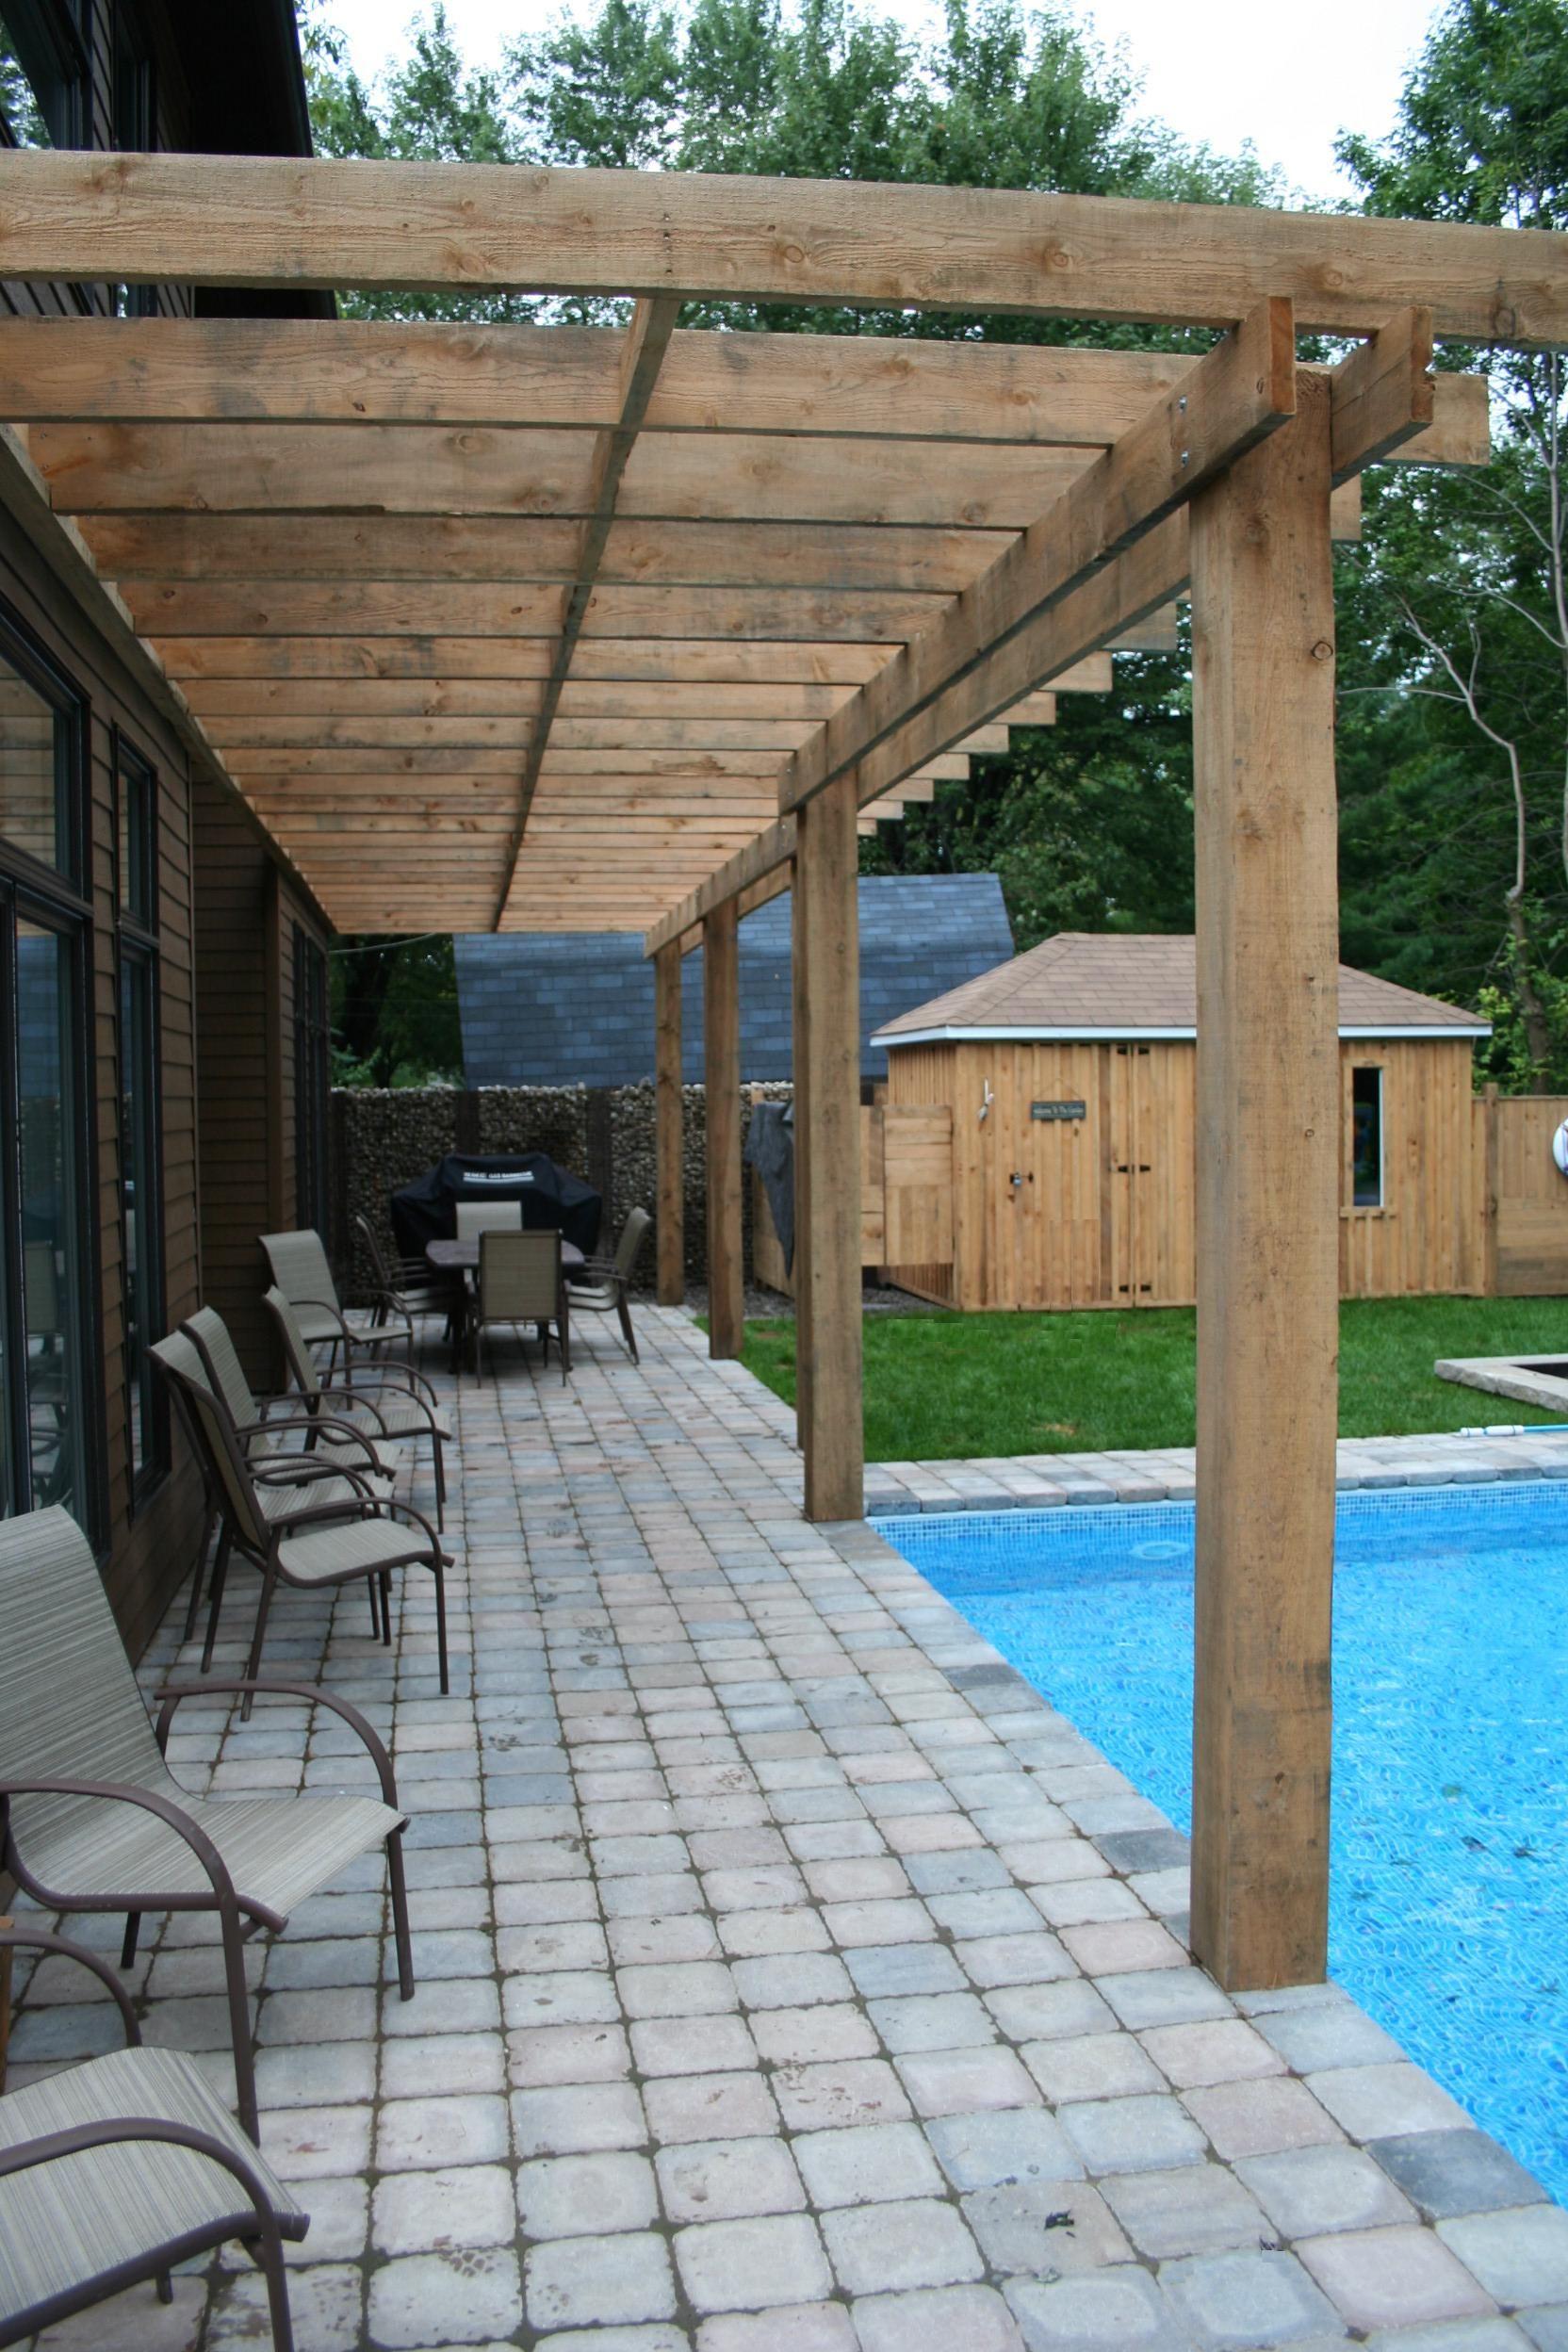 pergola en bois dalles de pav permacon piscine creus e mobilier d 39 ext rieur wooden. Black Bedroom Furniture Sets. Home Design Ideas